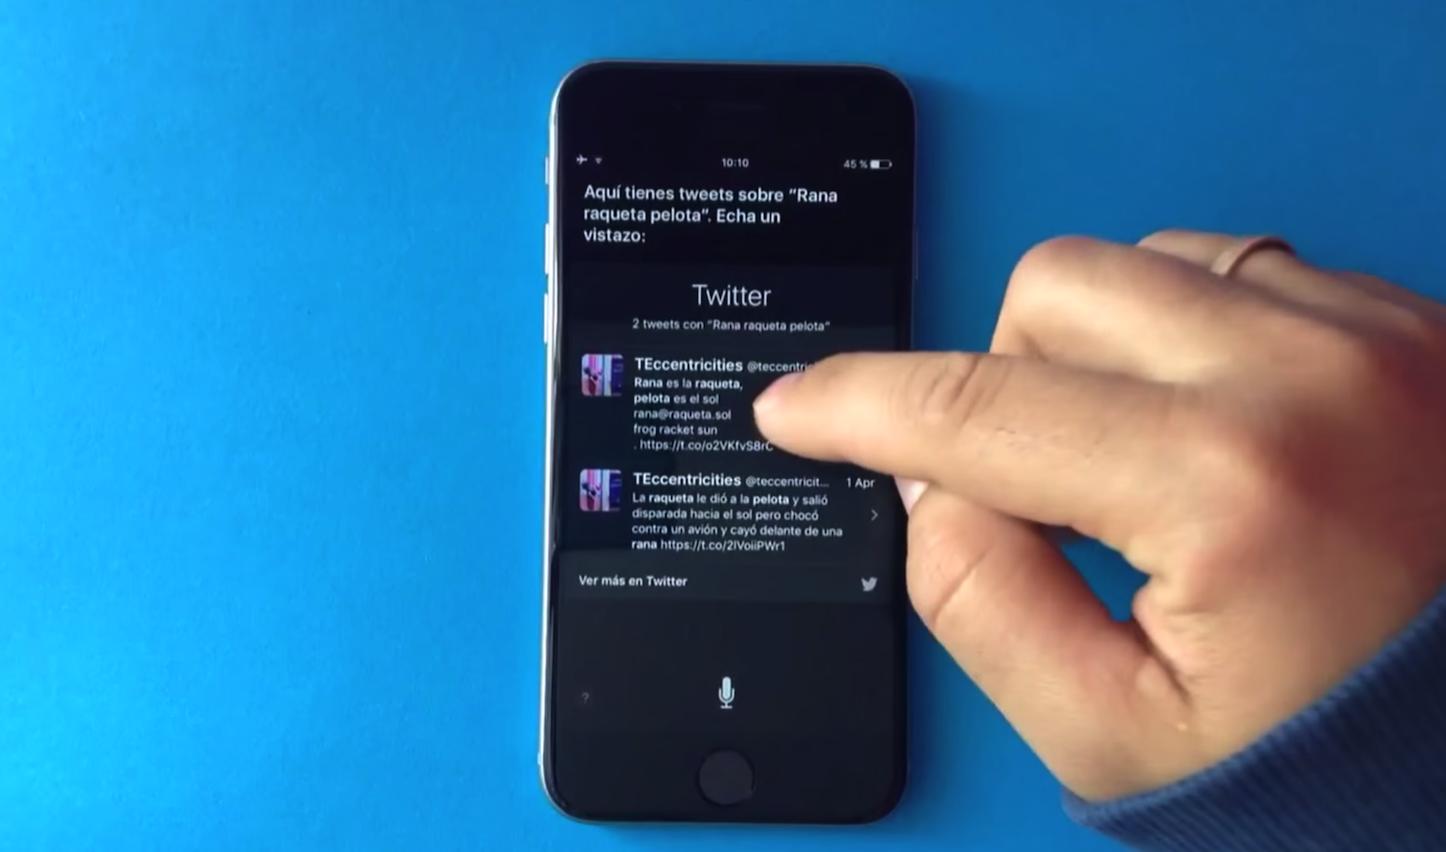 パスコードを迂回できるバグ、iOS9.3.1で発覚